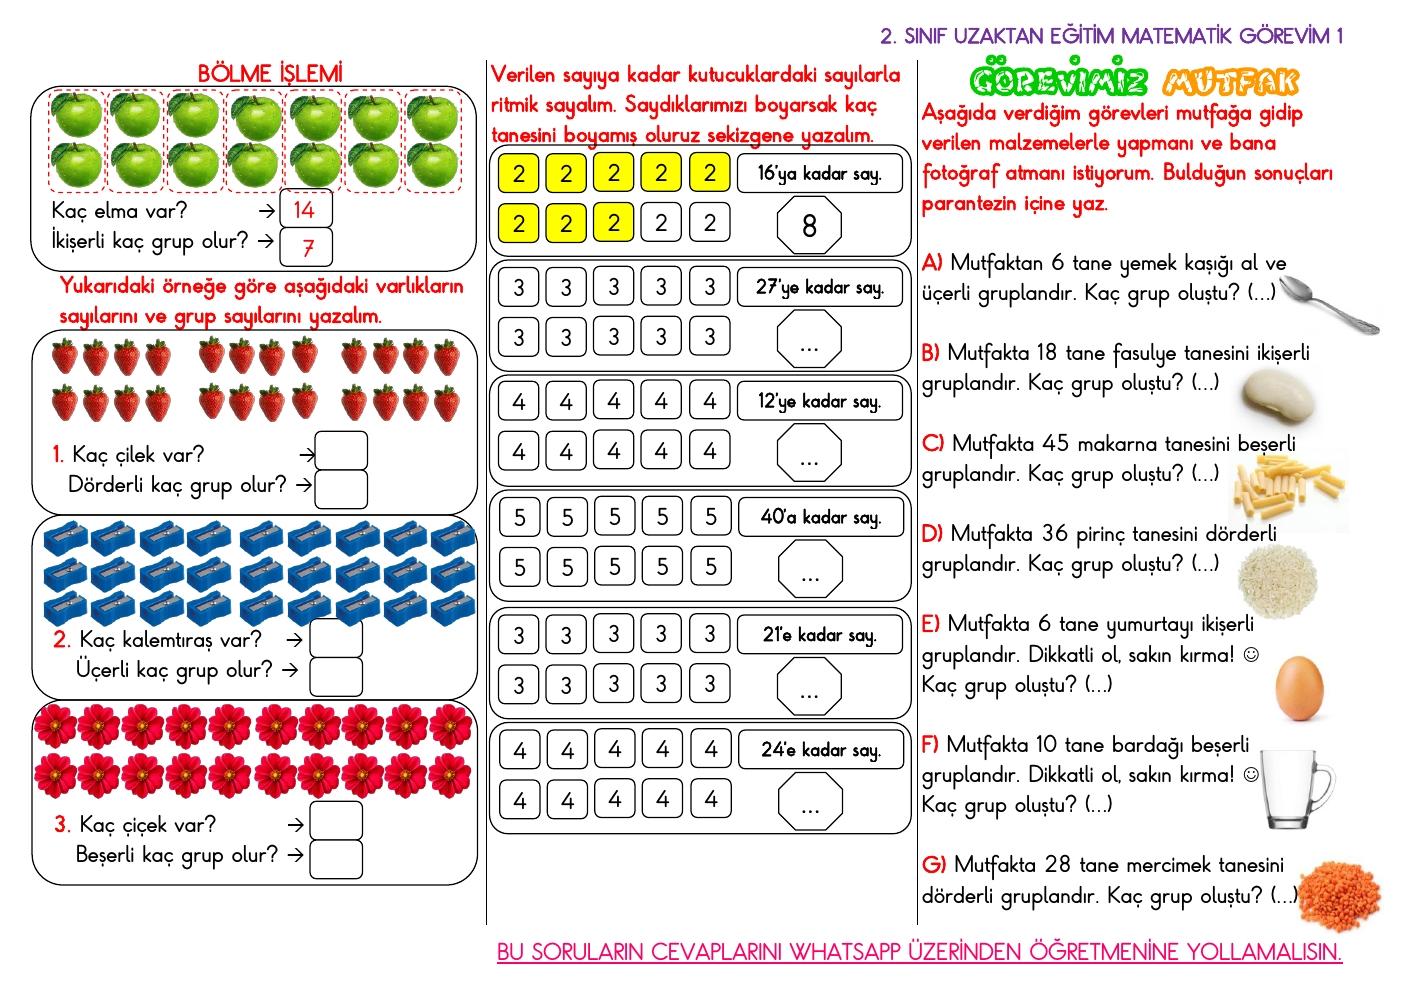 Uzaktan Eğitim Matematik Görevi 1